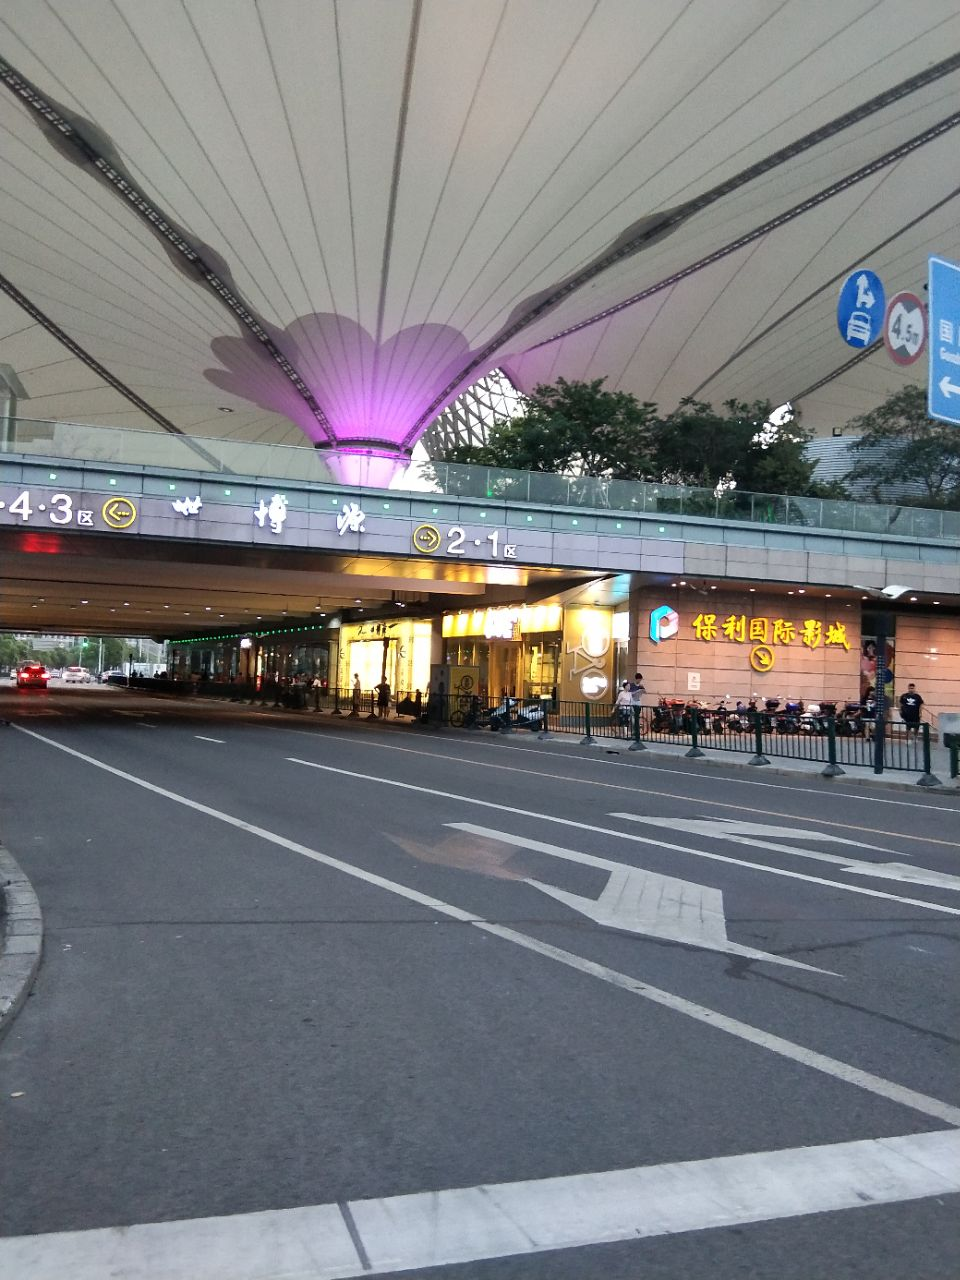 上海世博园攻略_2019上海世博园_旅游攻略_门票_地址_游记点评,上海旅游景点推荐